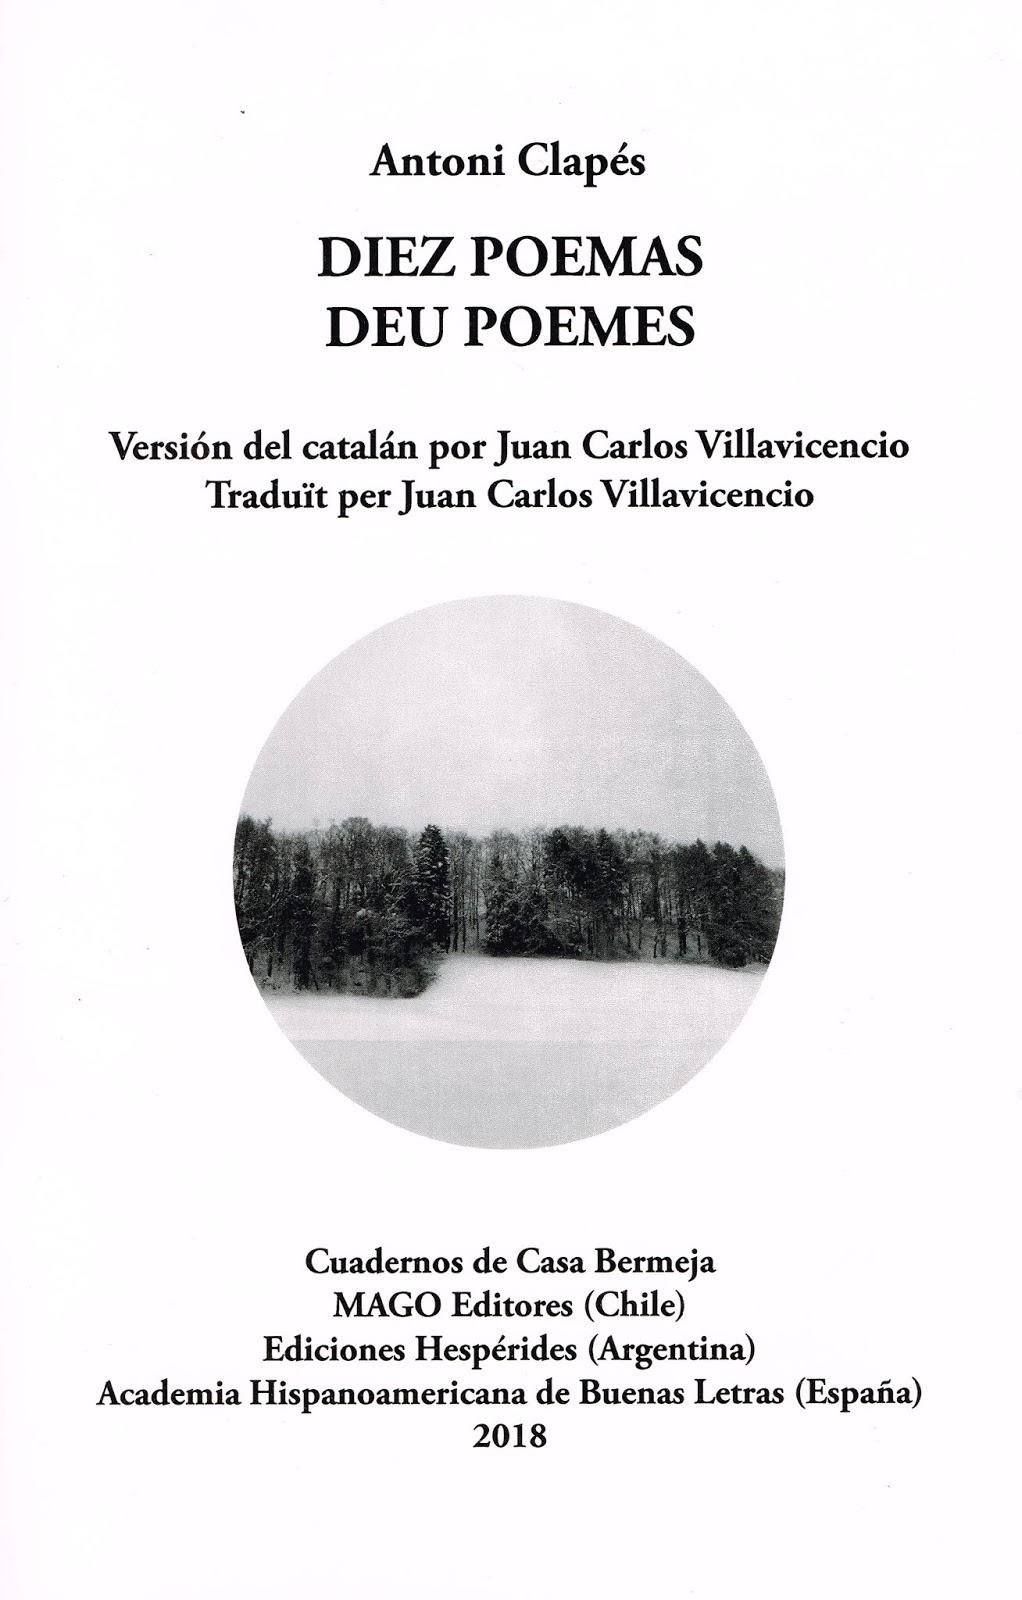 Diez poemas, de Antoni Clapés. Traducción de Juan Carlos Villavicencio